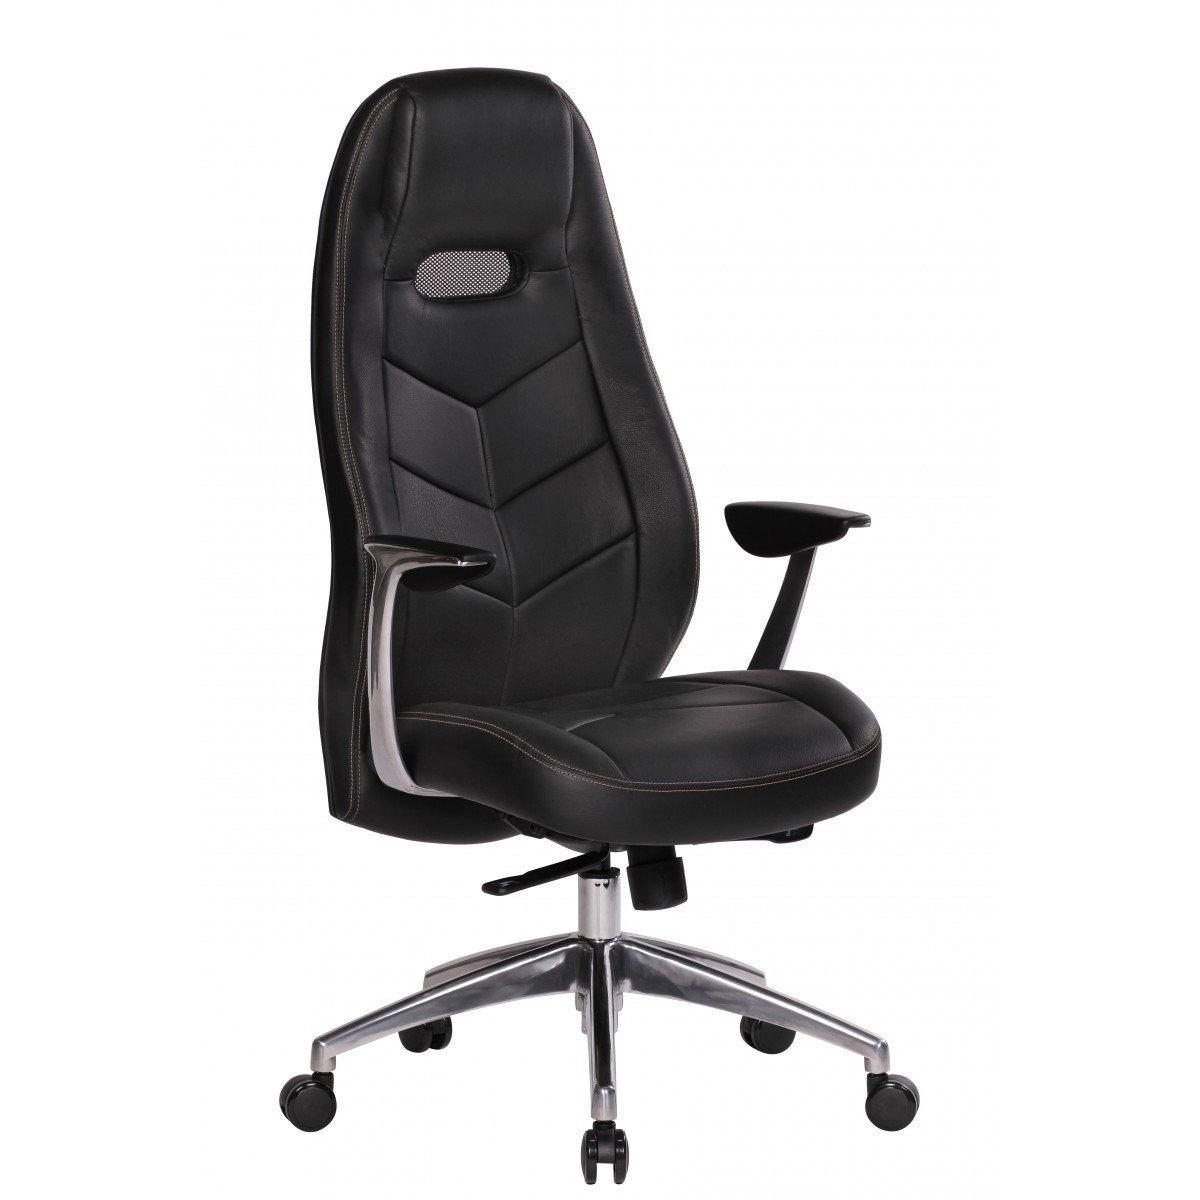 Le migliori sedie gaming offerte su Sediadaufficioit Novit e curiosit sulle sedie da ufficio